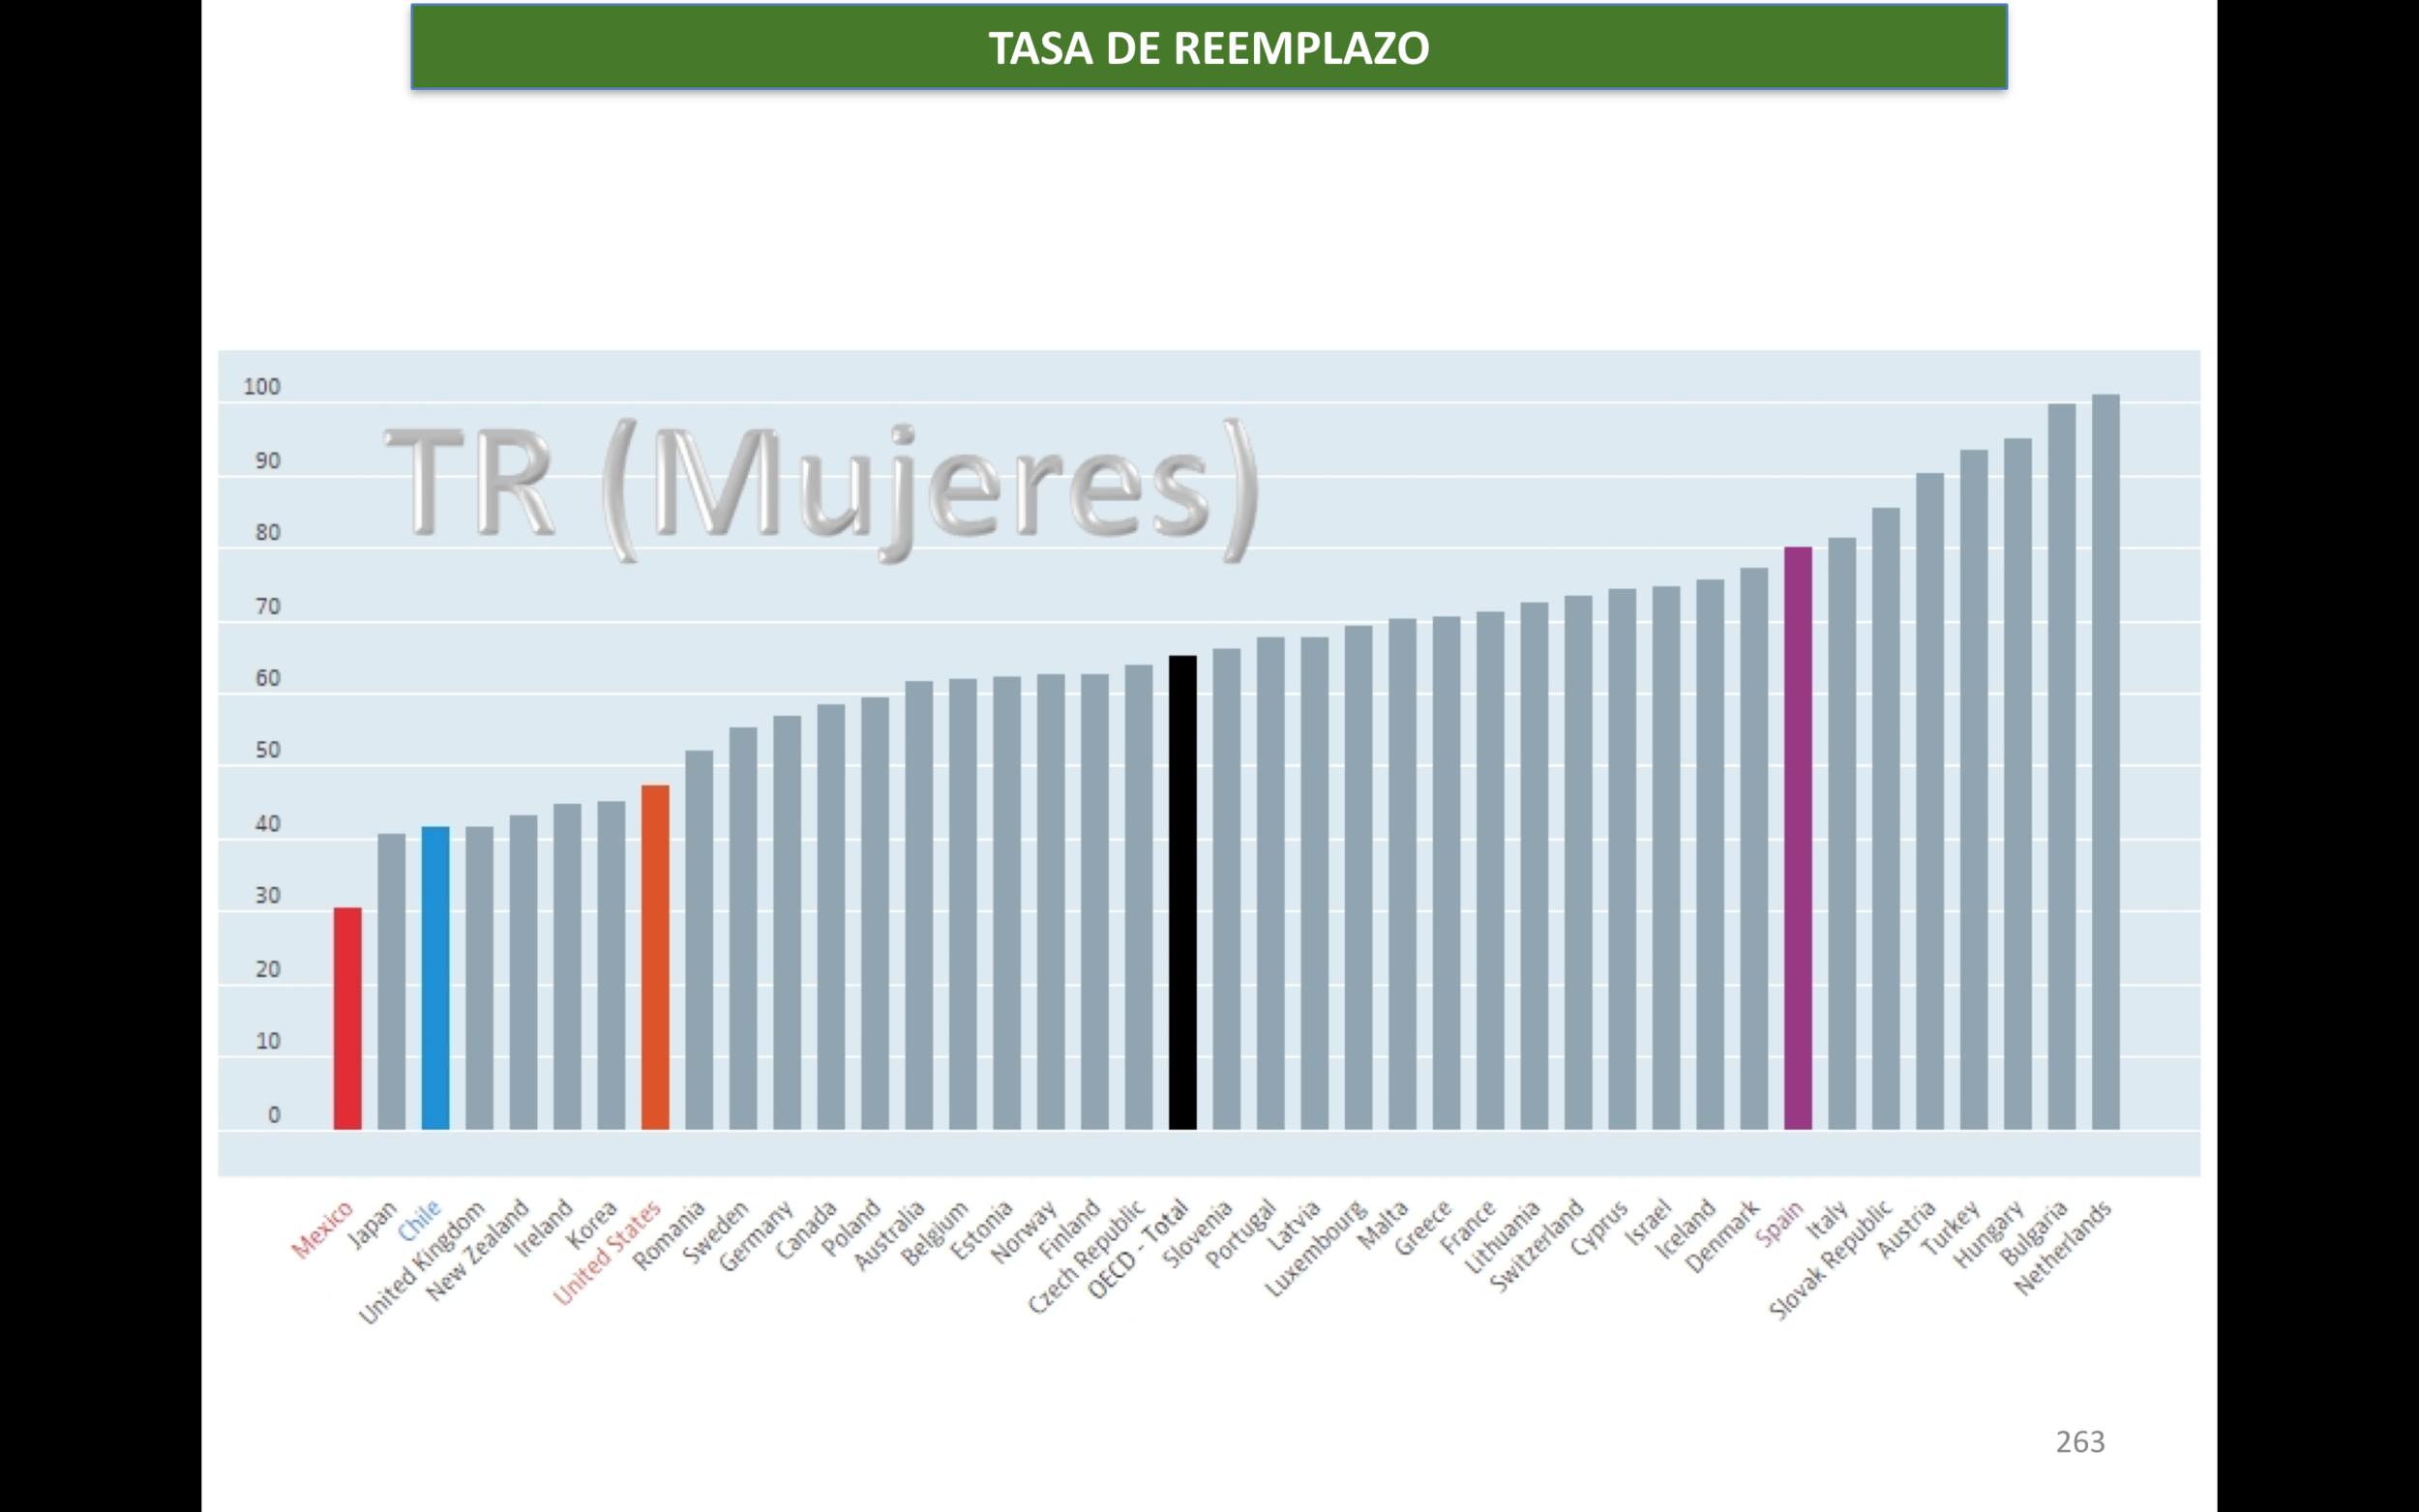 OECD (2015), Tasa Neta de Reemplazo para mujeres